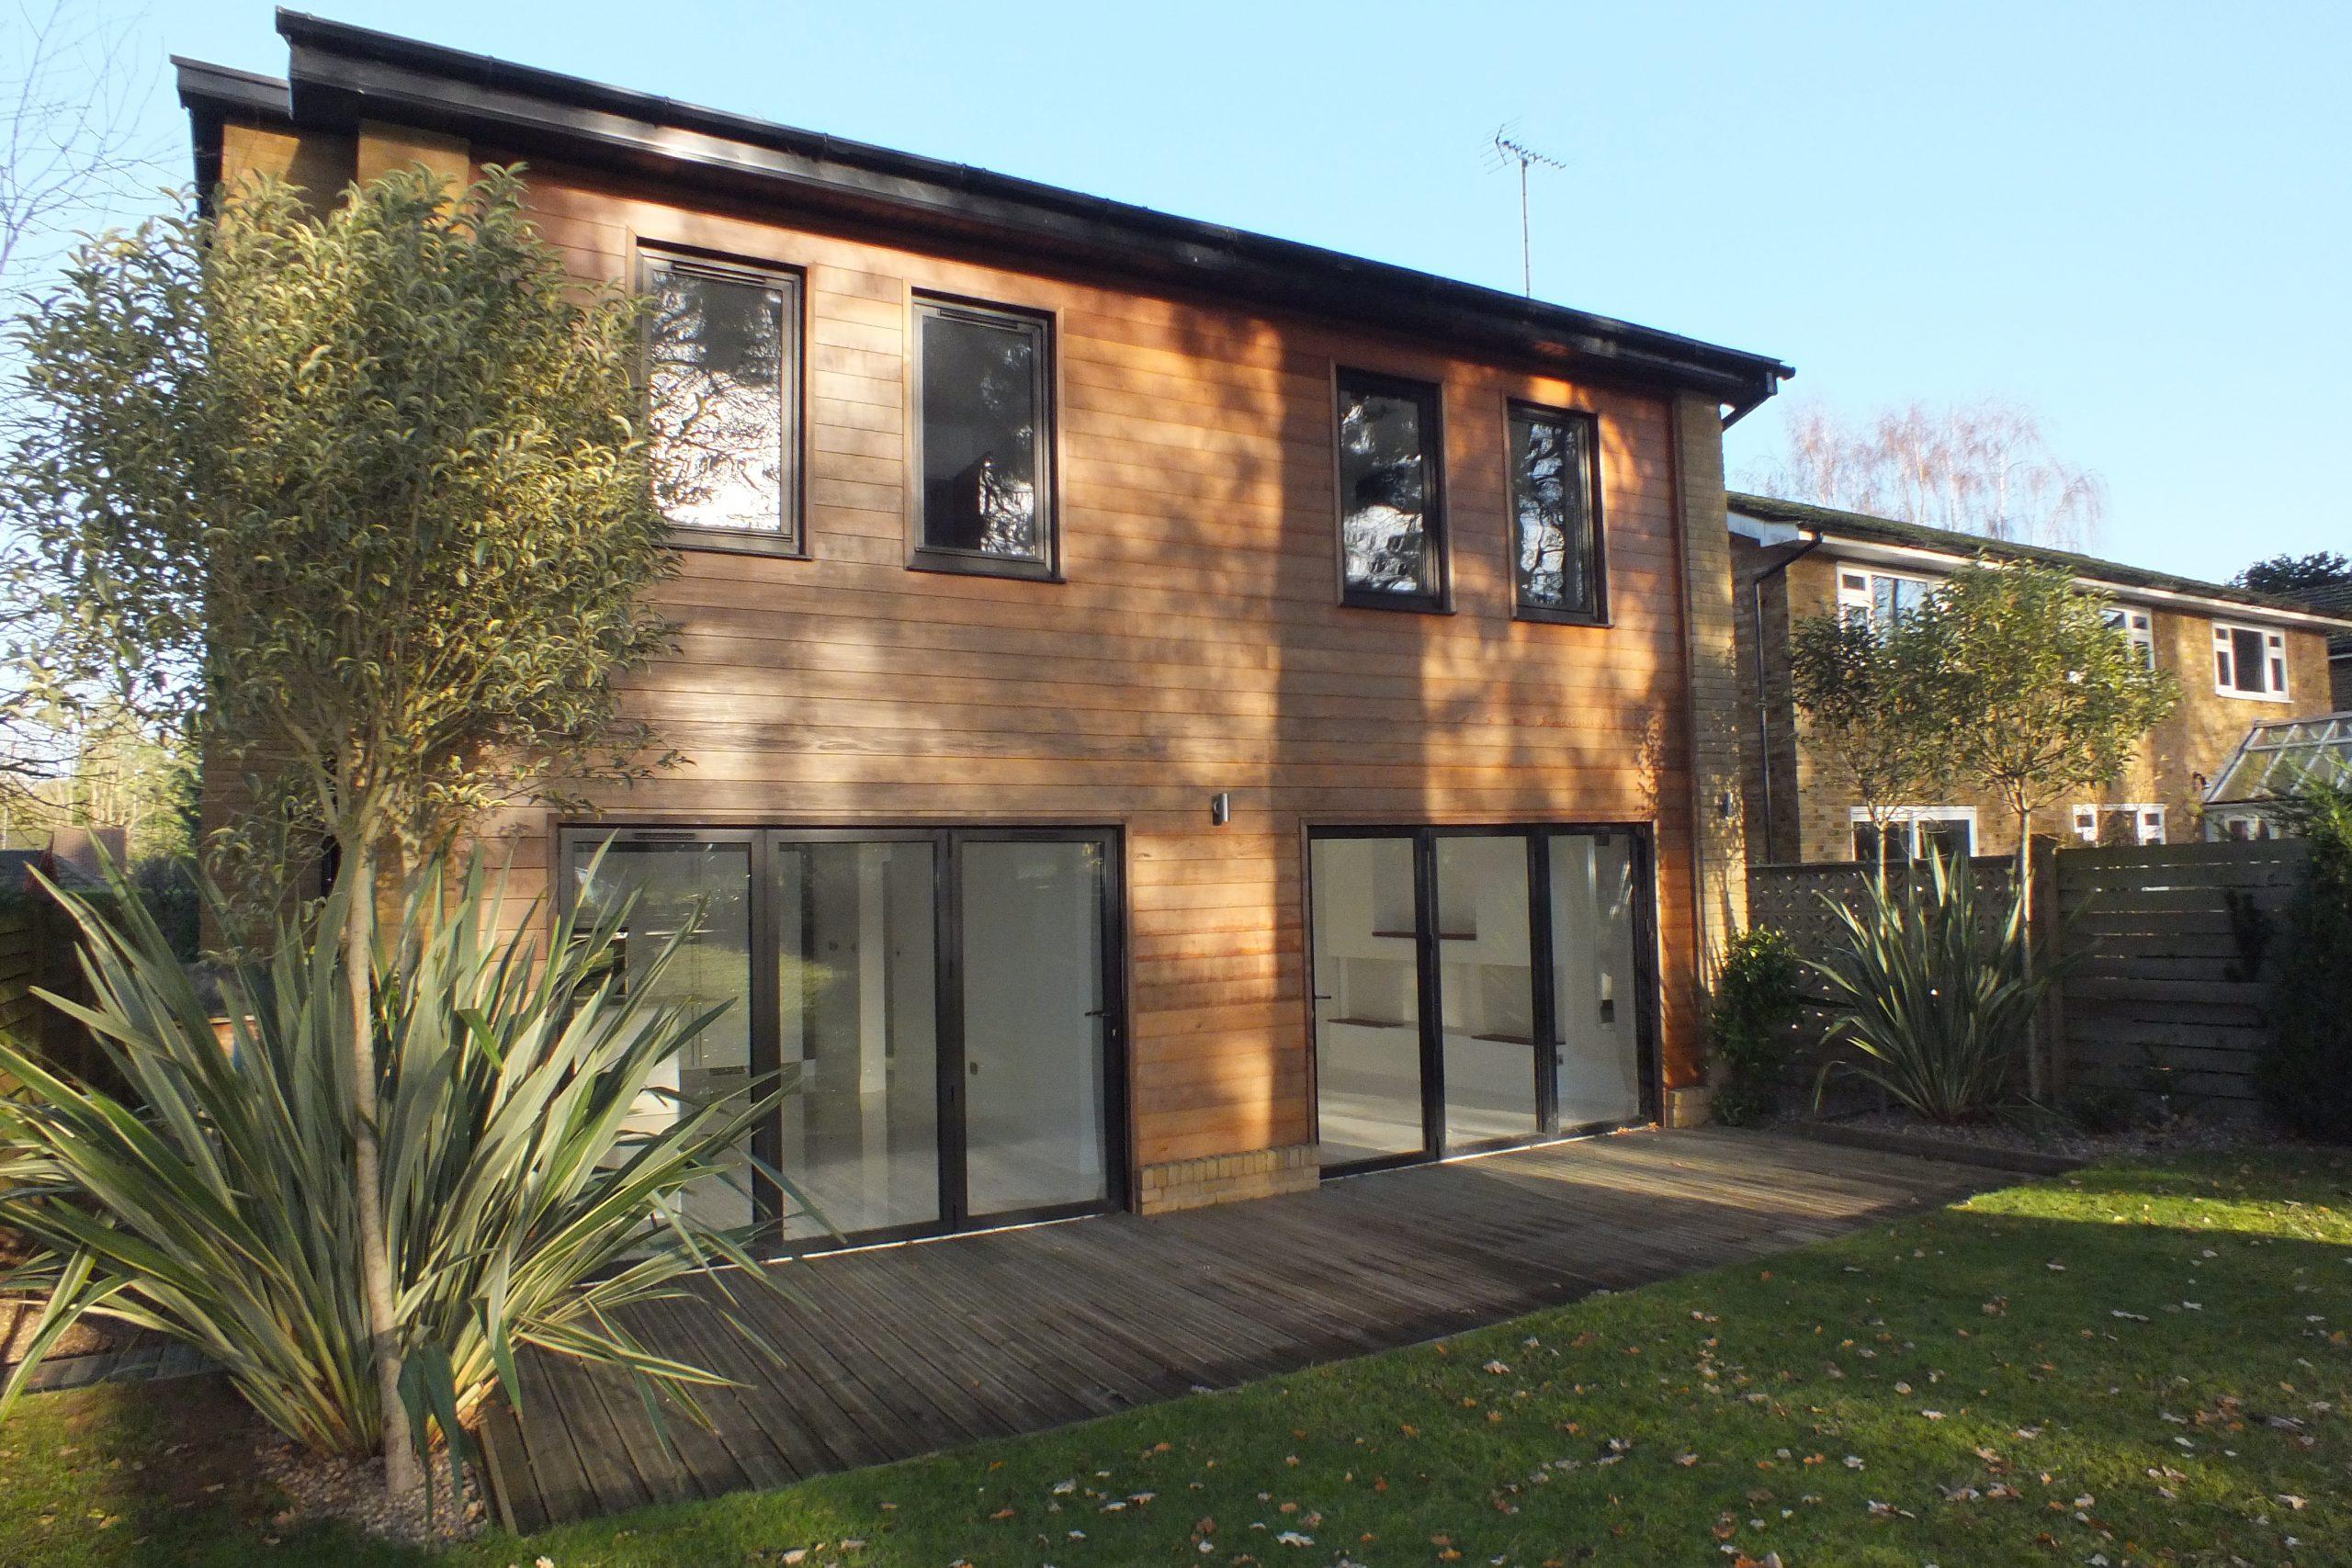 15a Milner Drive, Cobham, Surrey, KT11 2EZ